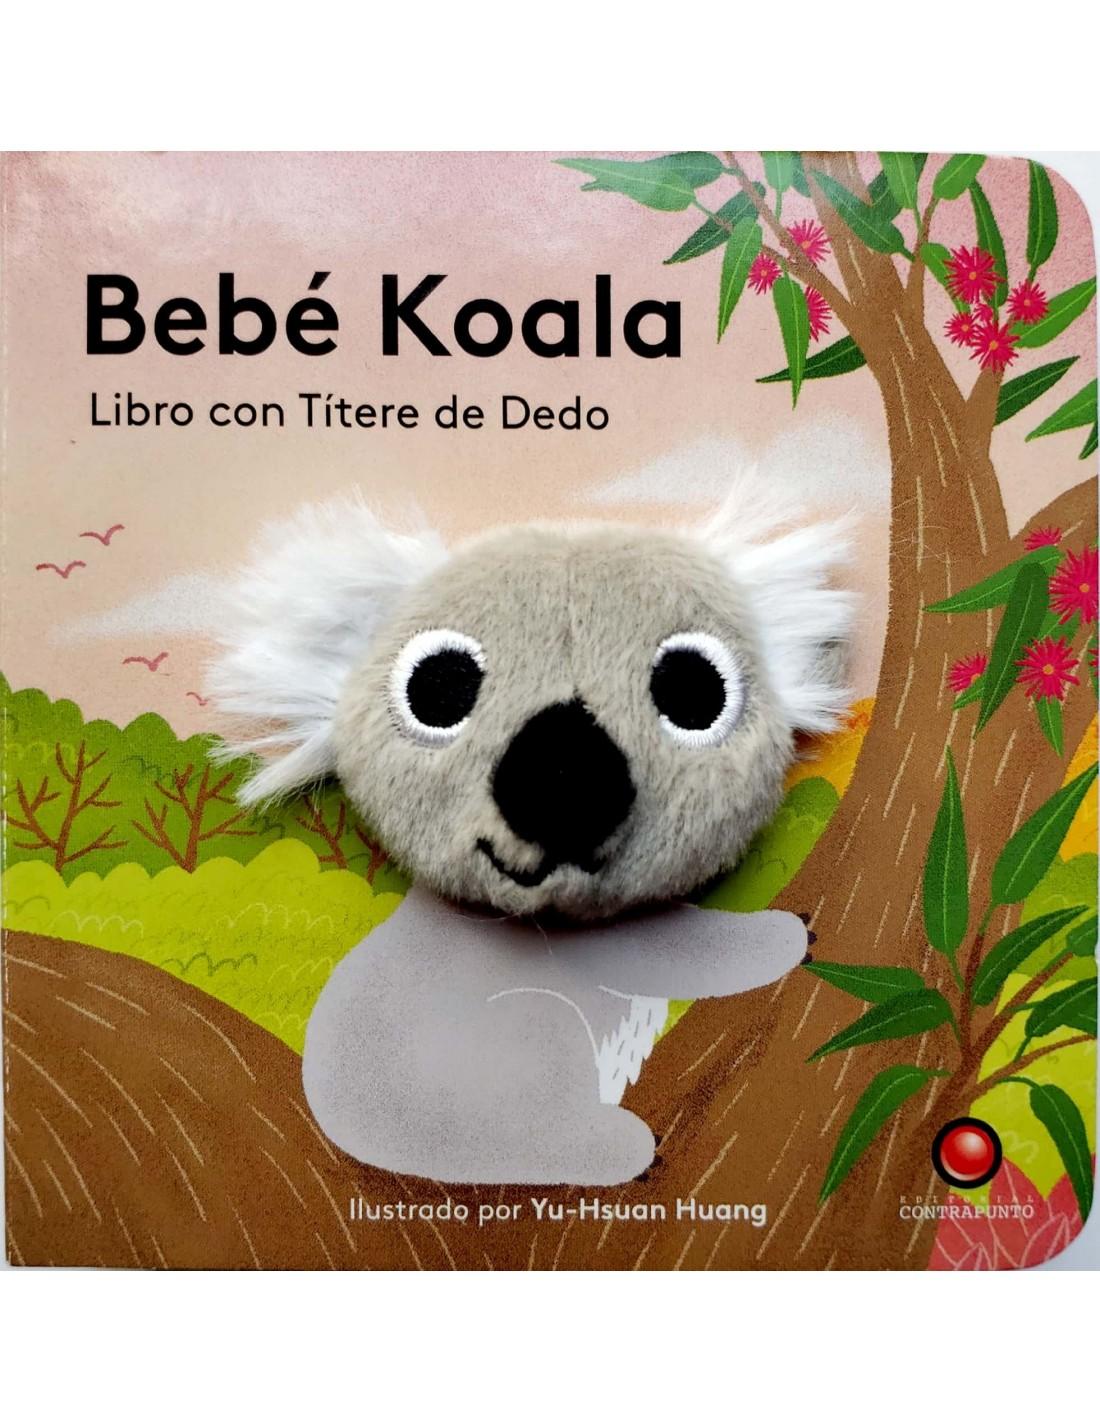 BEBE KOALA LIBRO CON TITERE DE DEDO